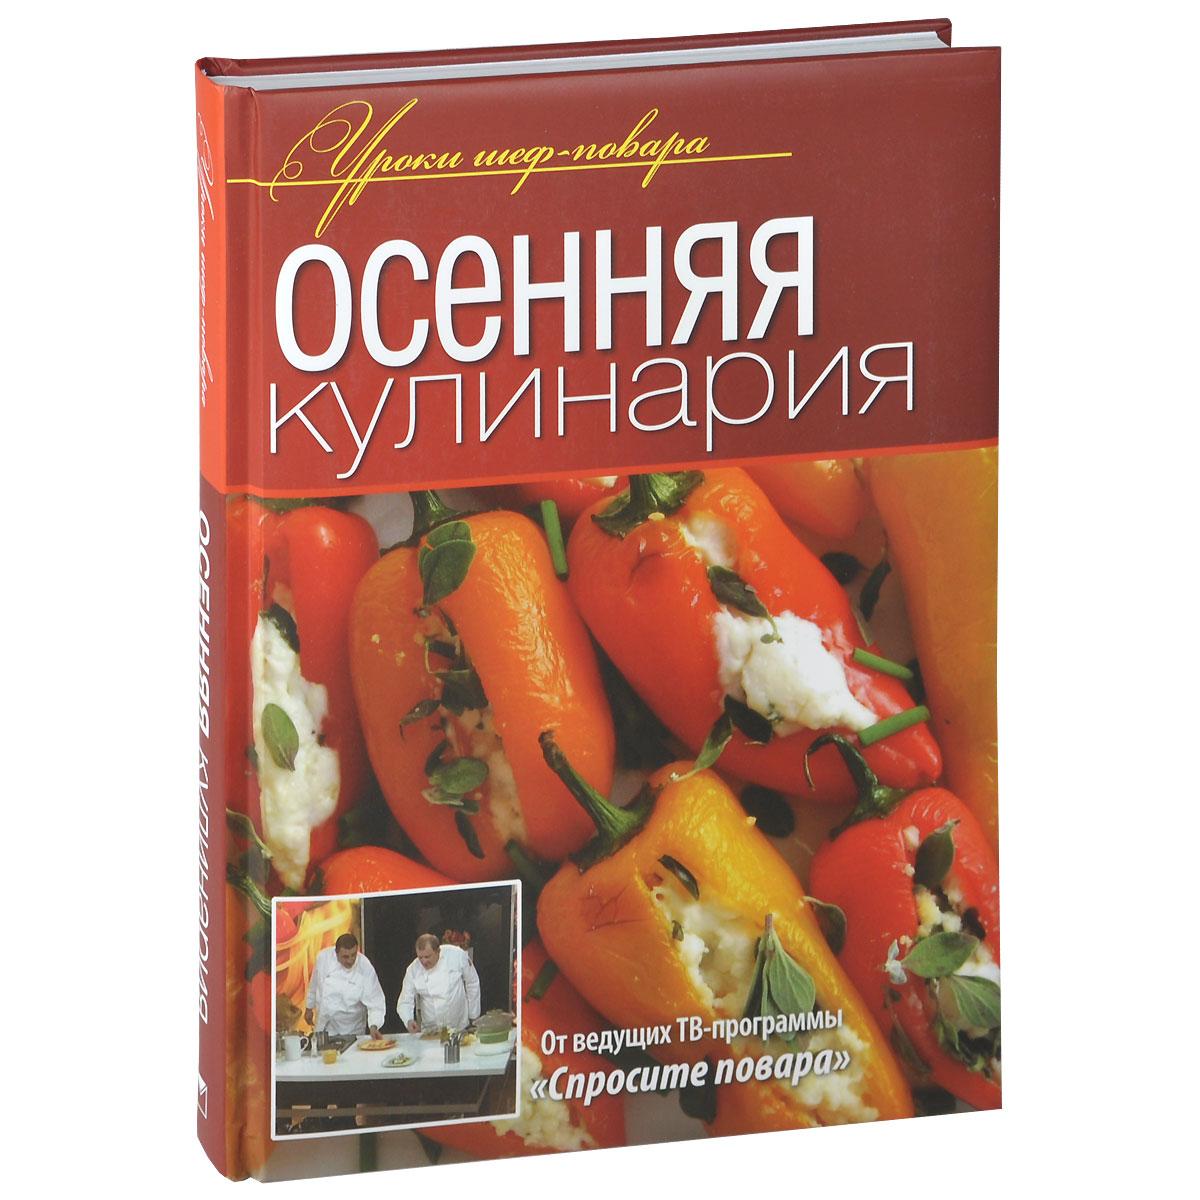 Осенняя кулинария кулинария готовые блюда купить